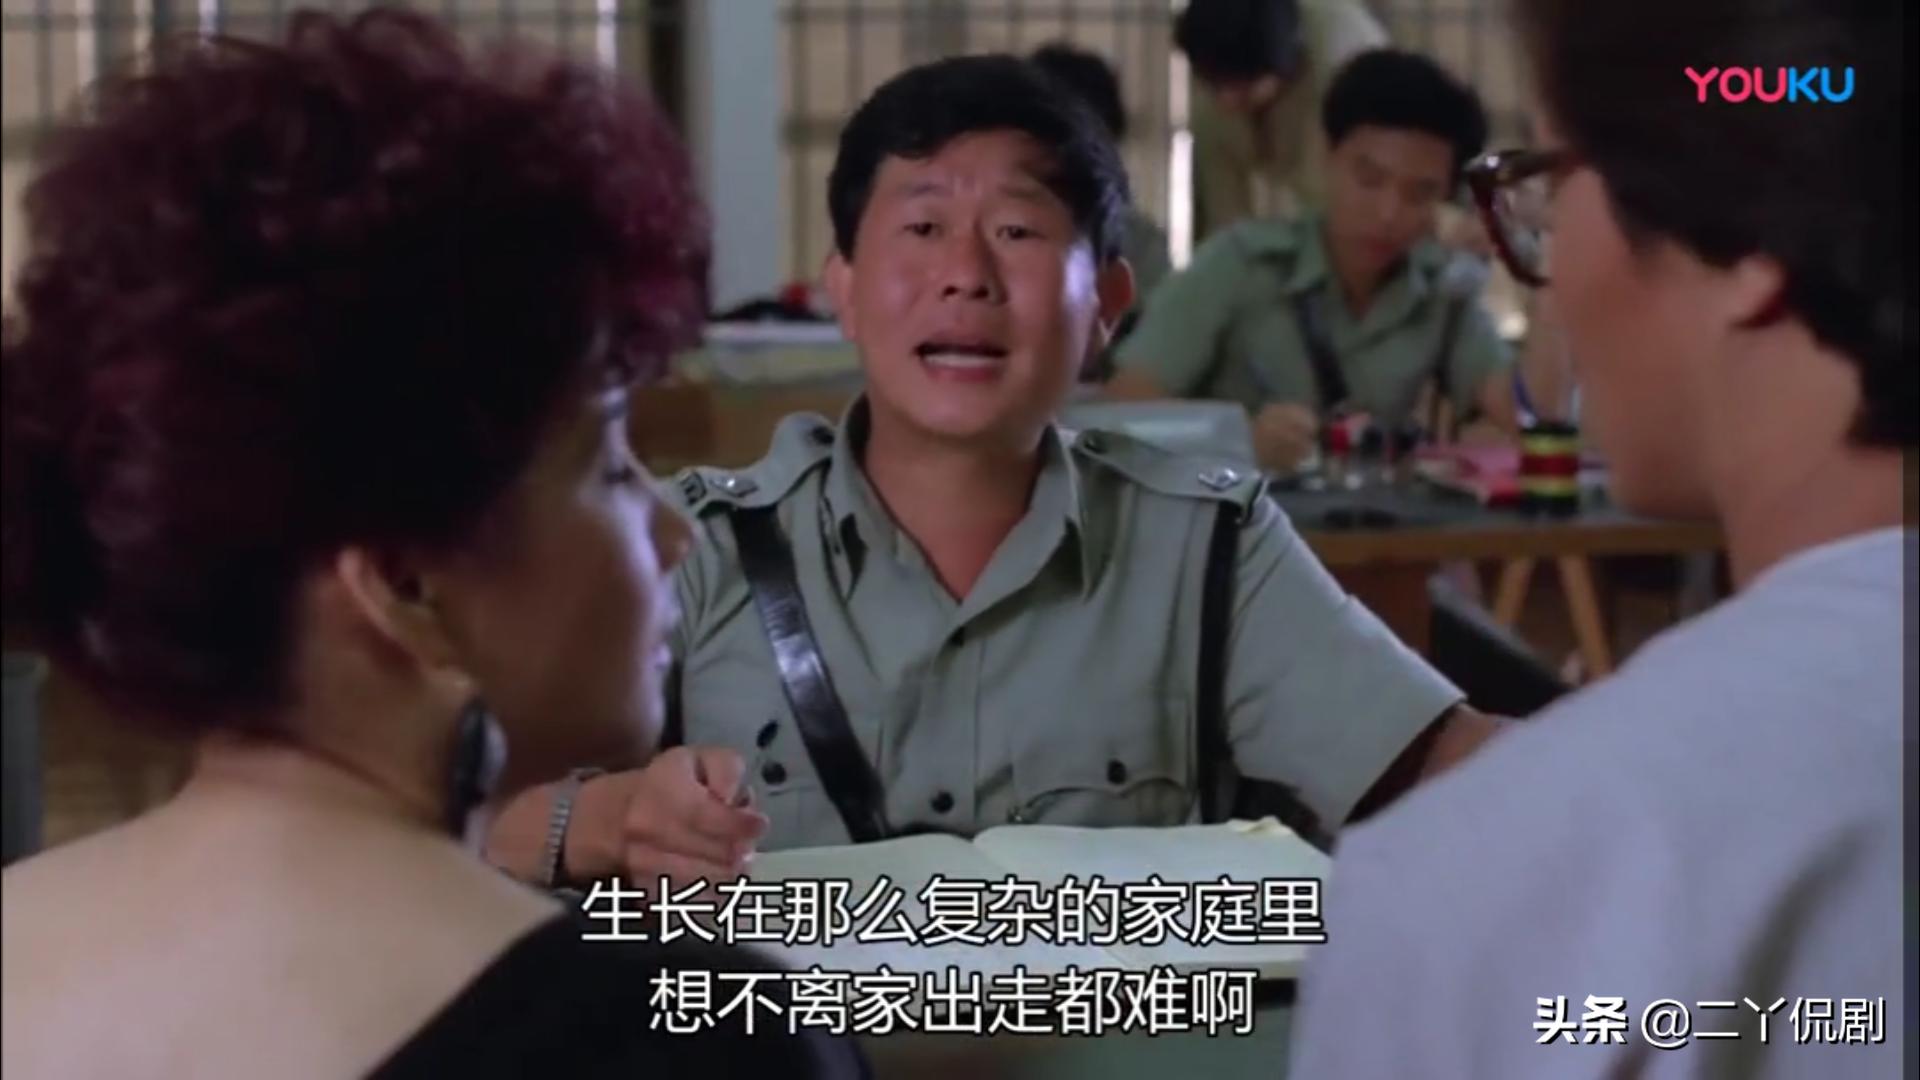 全家福:小彬彬主演的这部30多年前的电影已婚人士更应该看一看